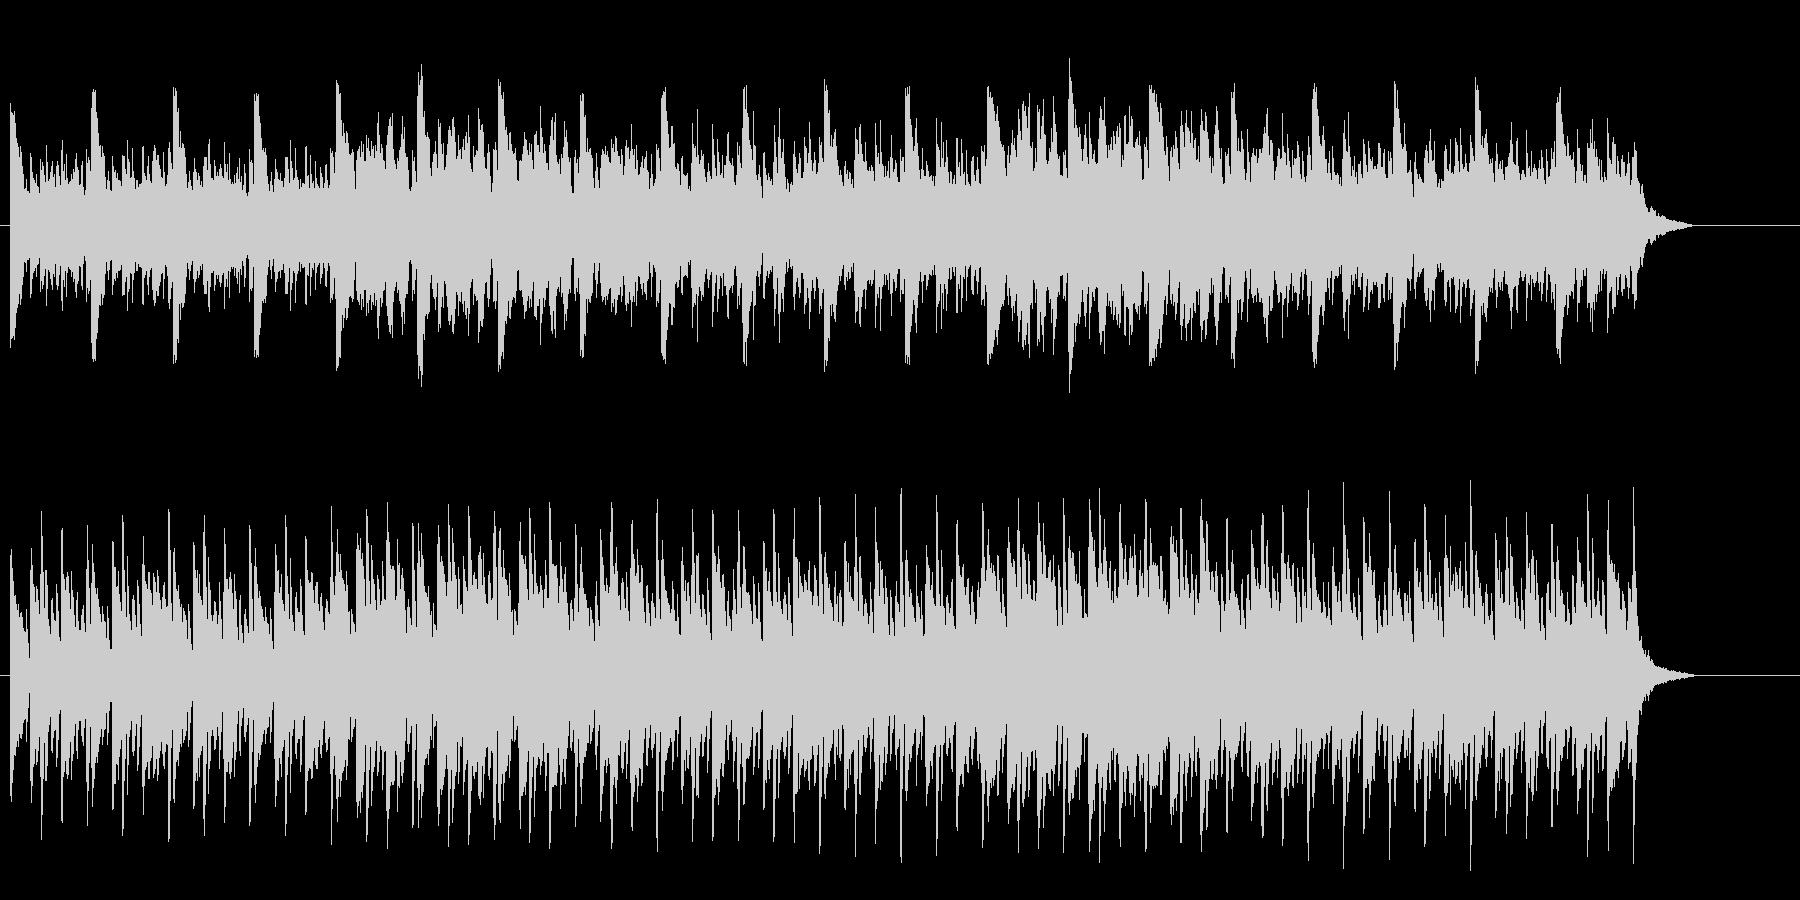 神秘的なピアノ主体のBGMの未再生の波形